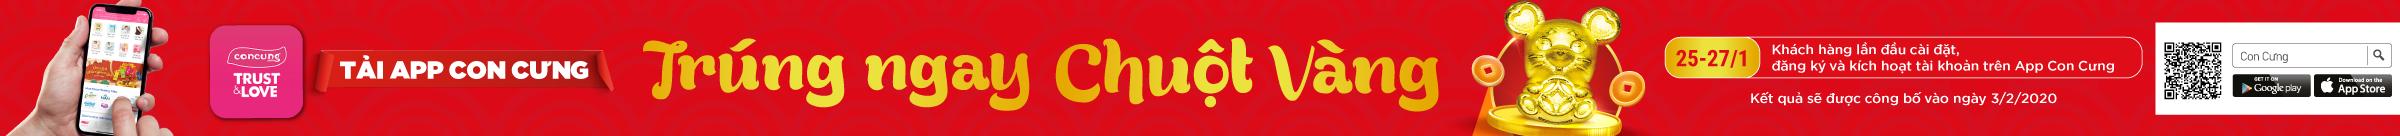 Tải App Trúng Chuột Vàng - Xuân Canh Tý - Vạn Điều Như Ý